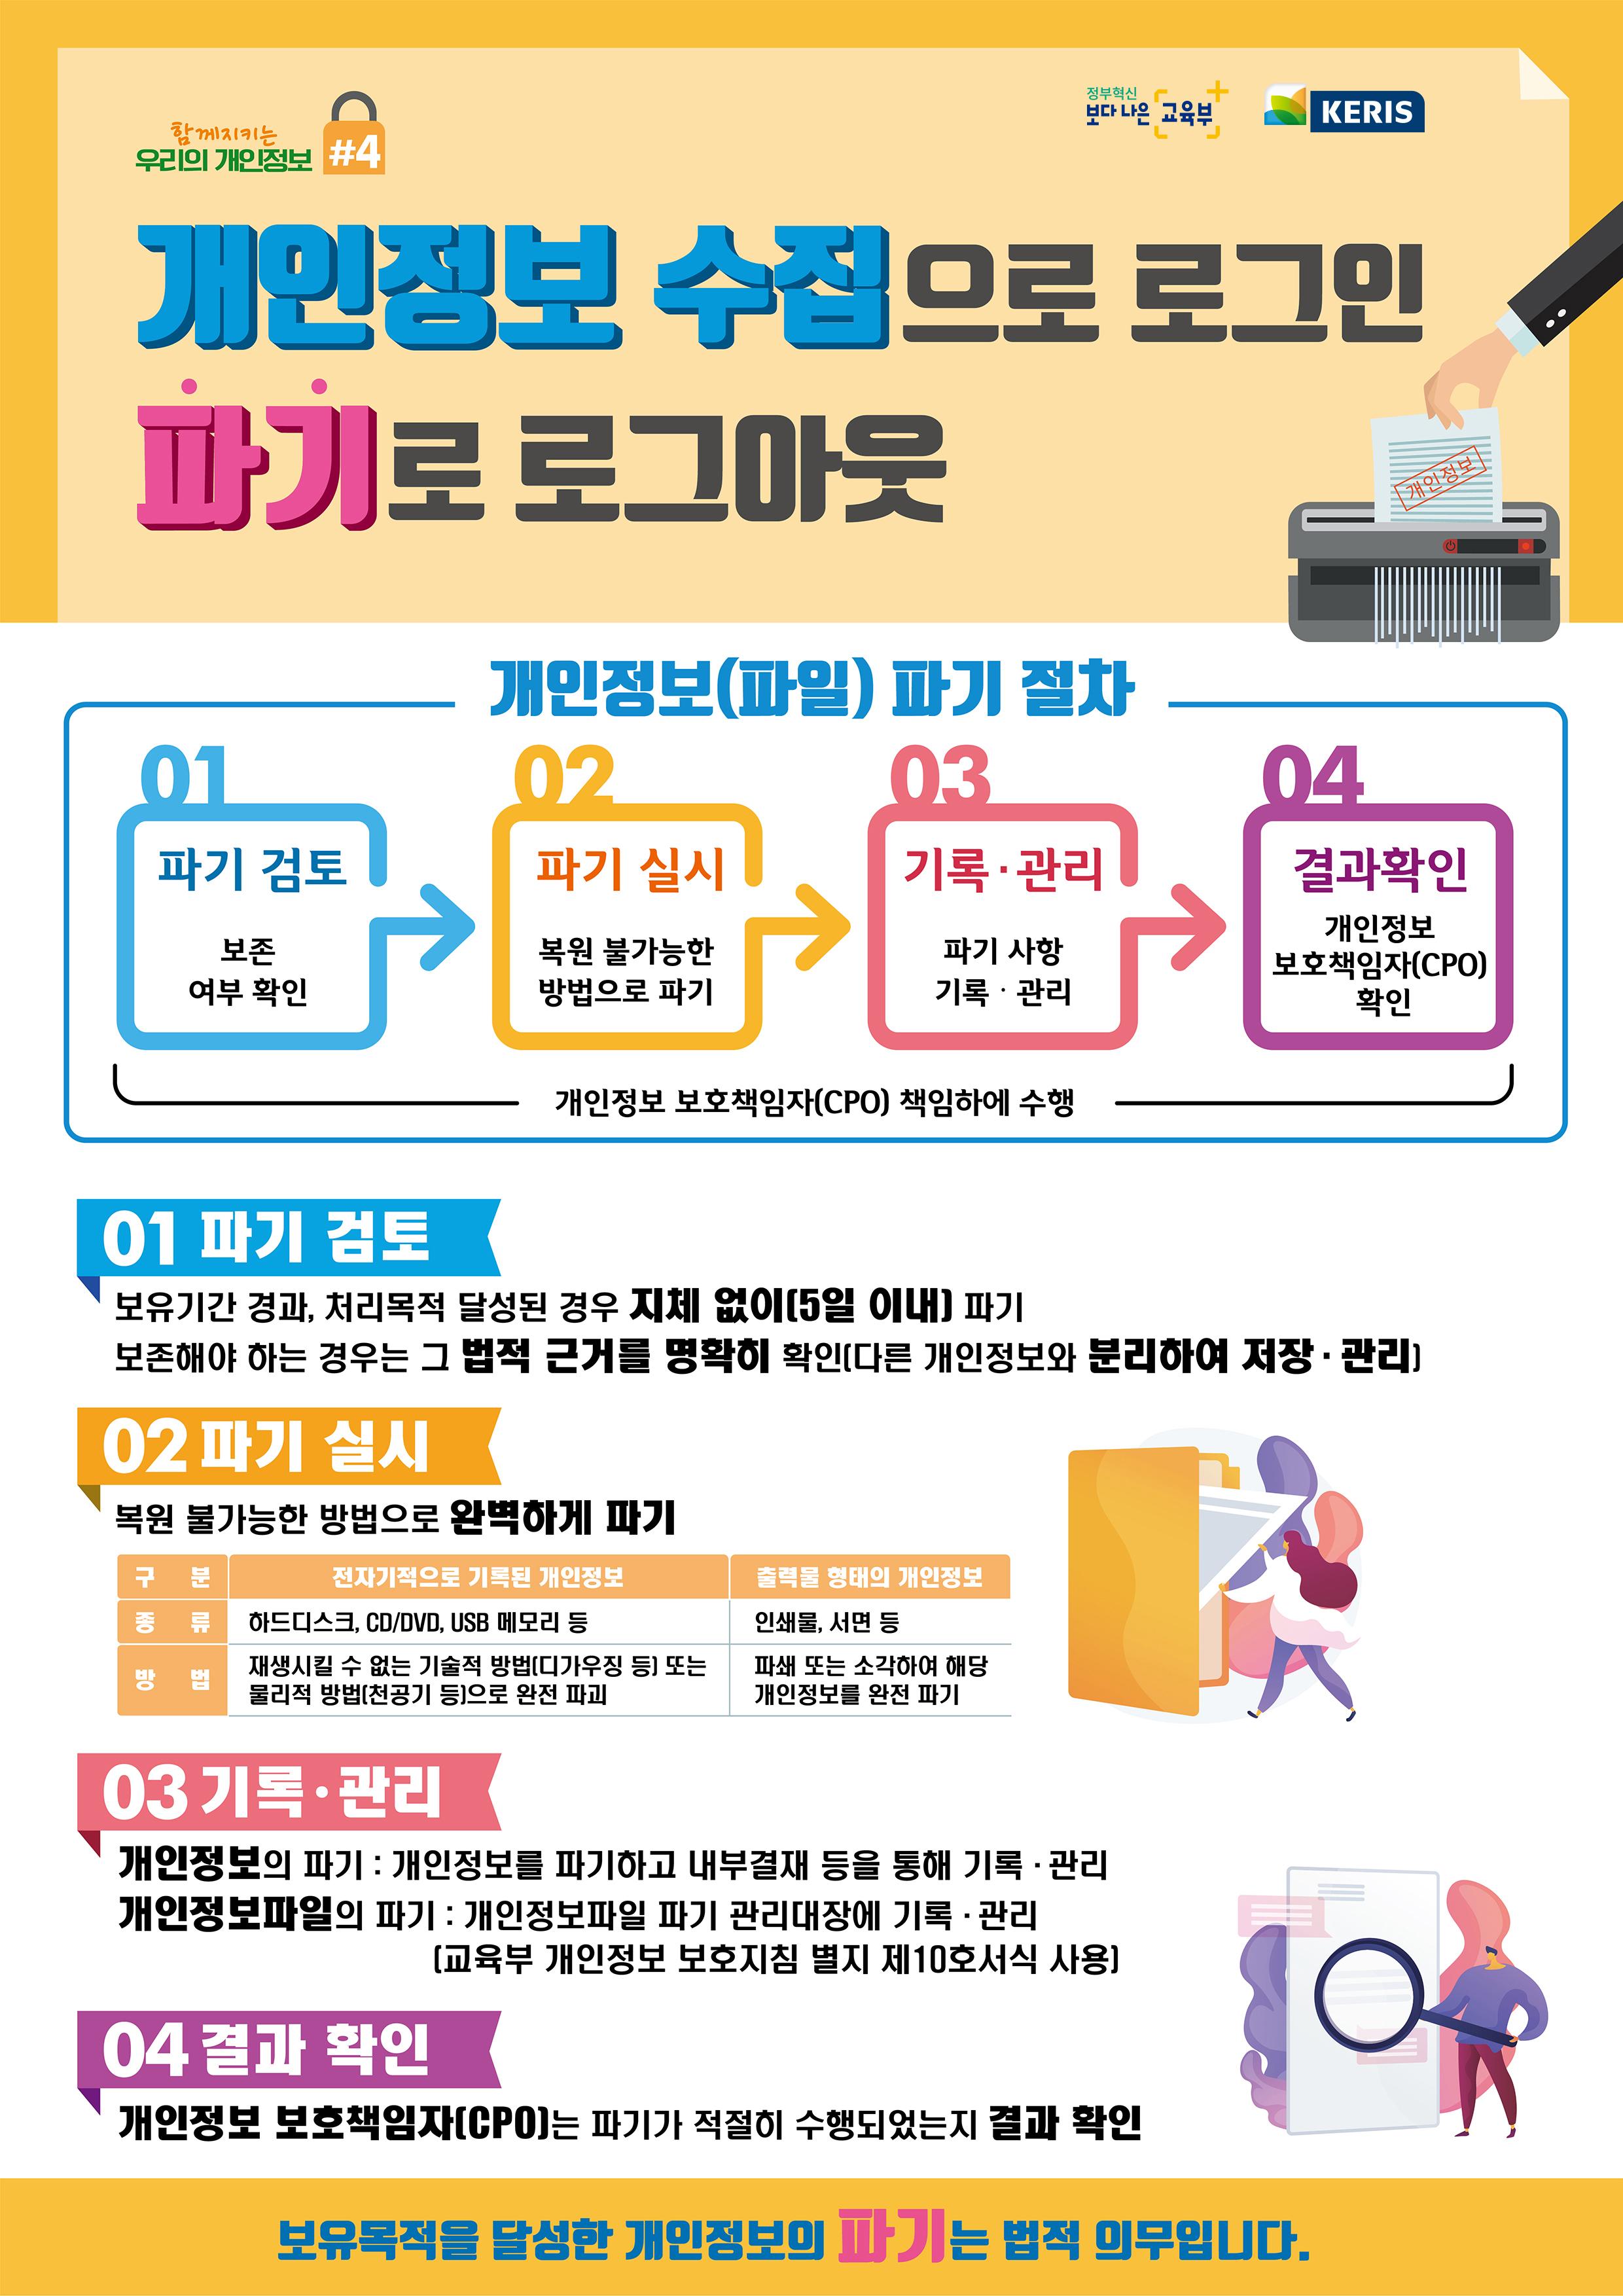 붙임2. (웹게시용)개인정보 파기 단계 홍보 포스터(A4사이즈).jpg